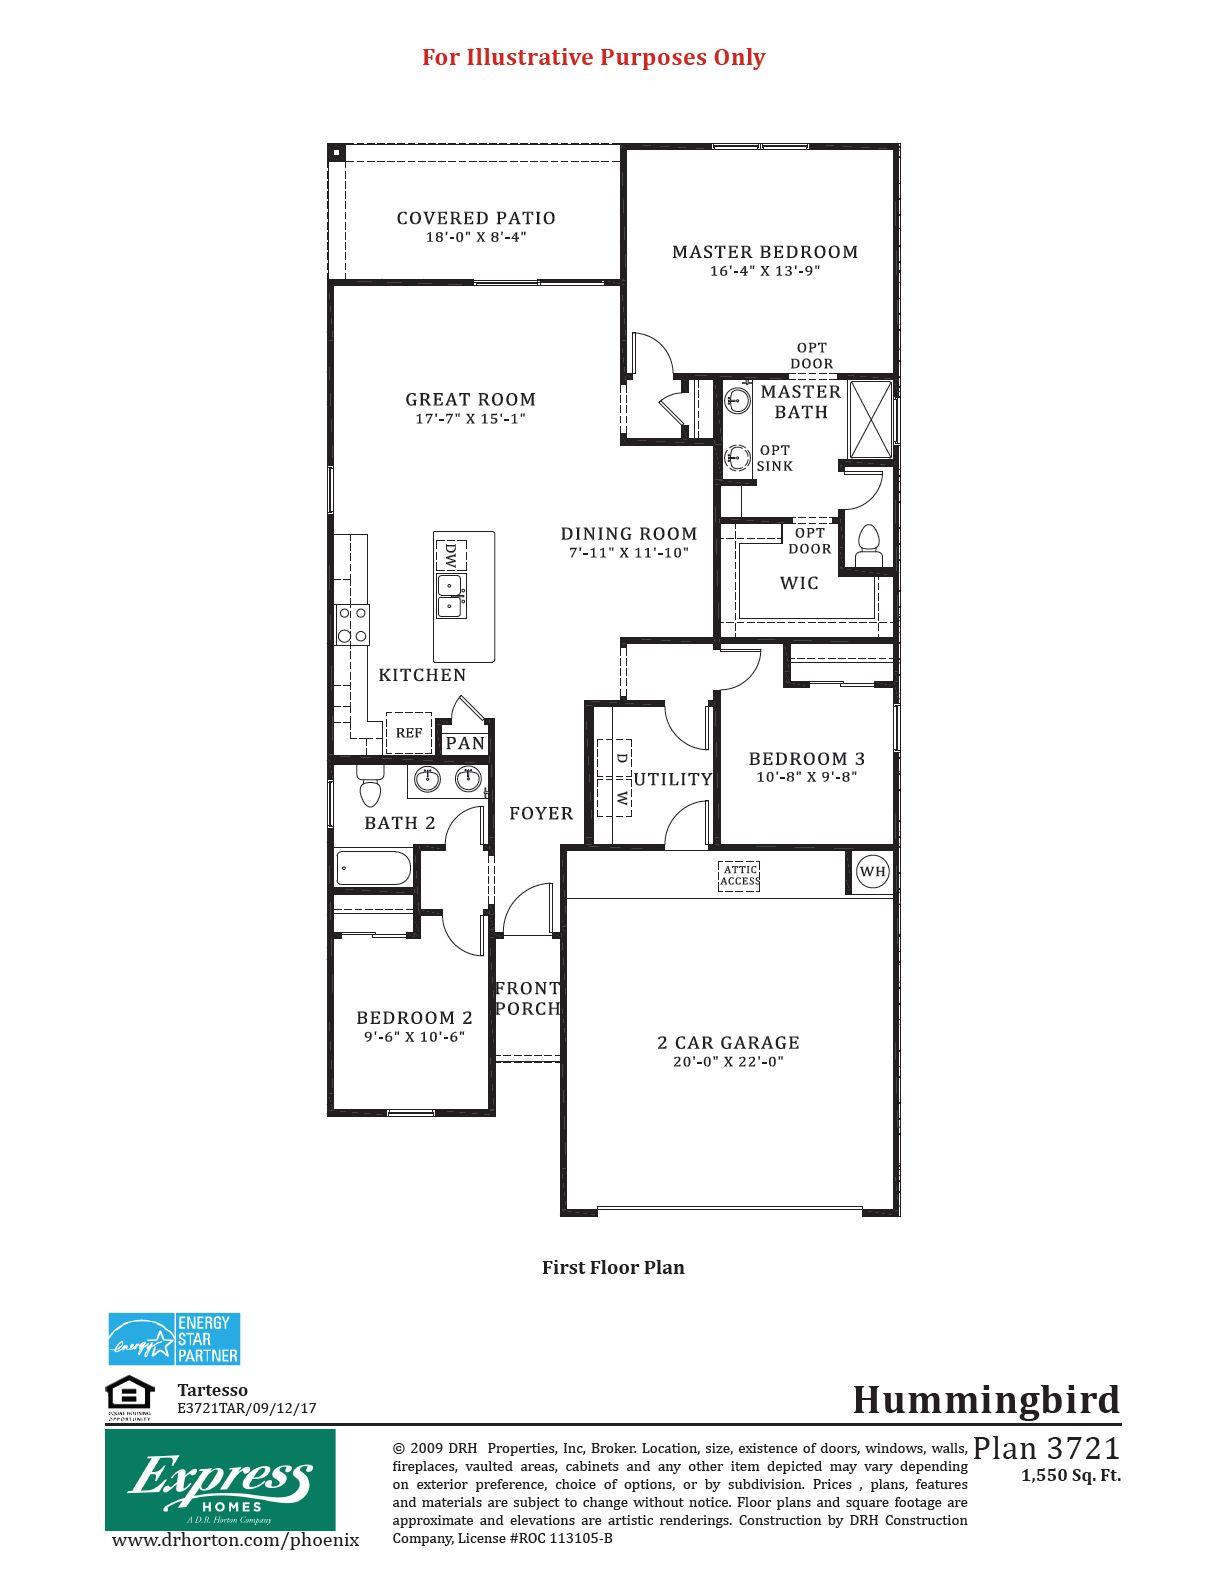 D.R. Horton Tartesso Express Hummingbird Floor Plan